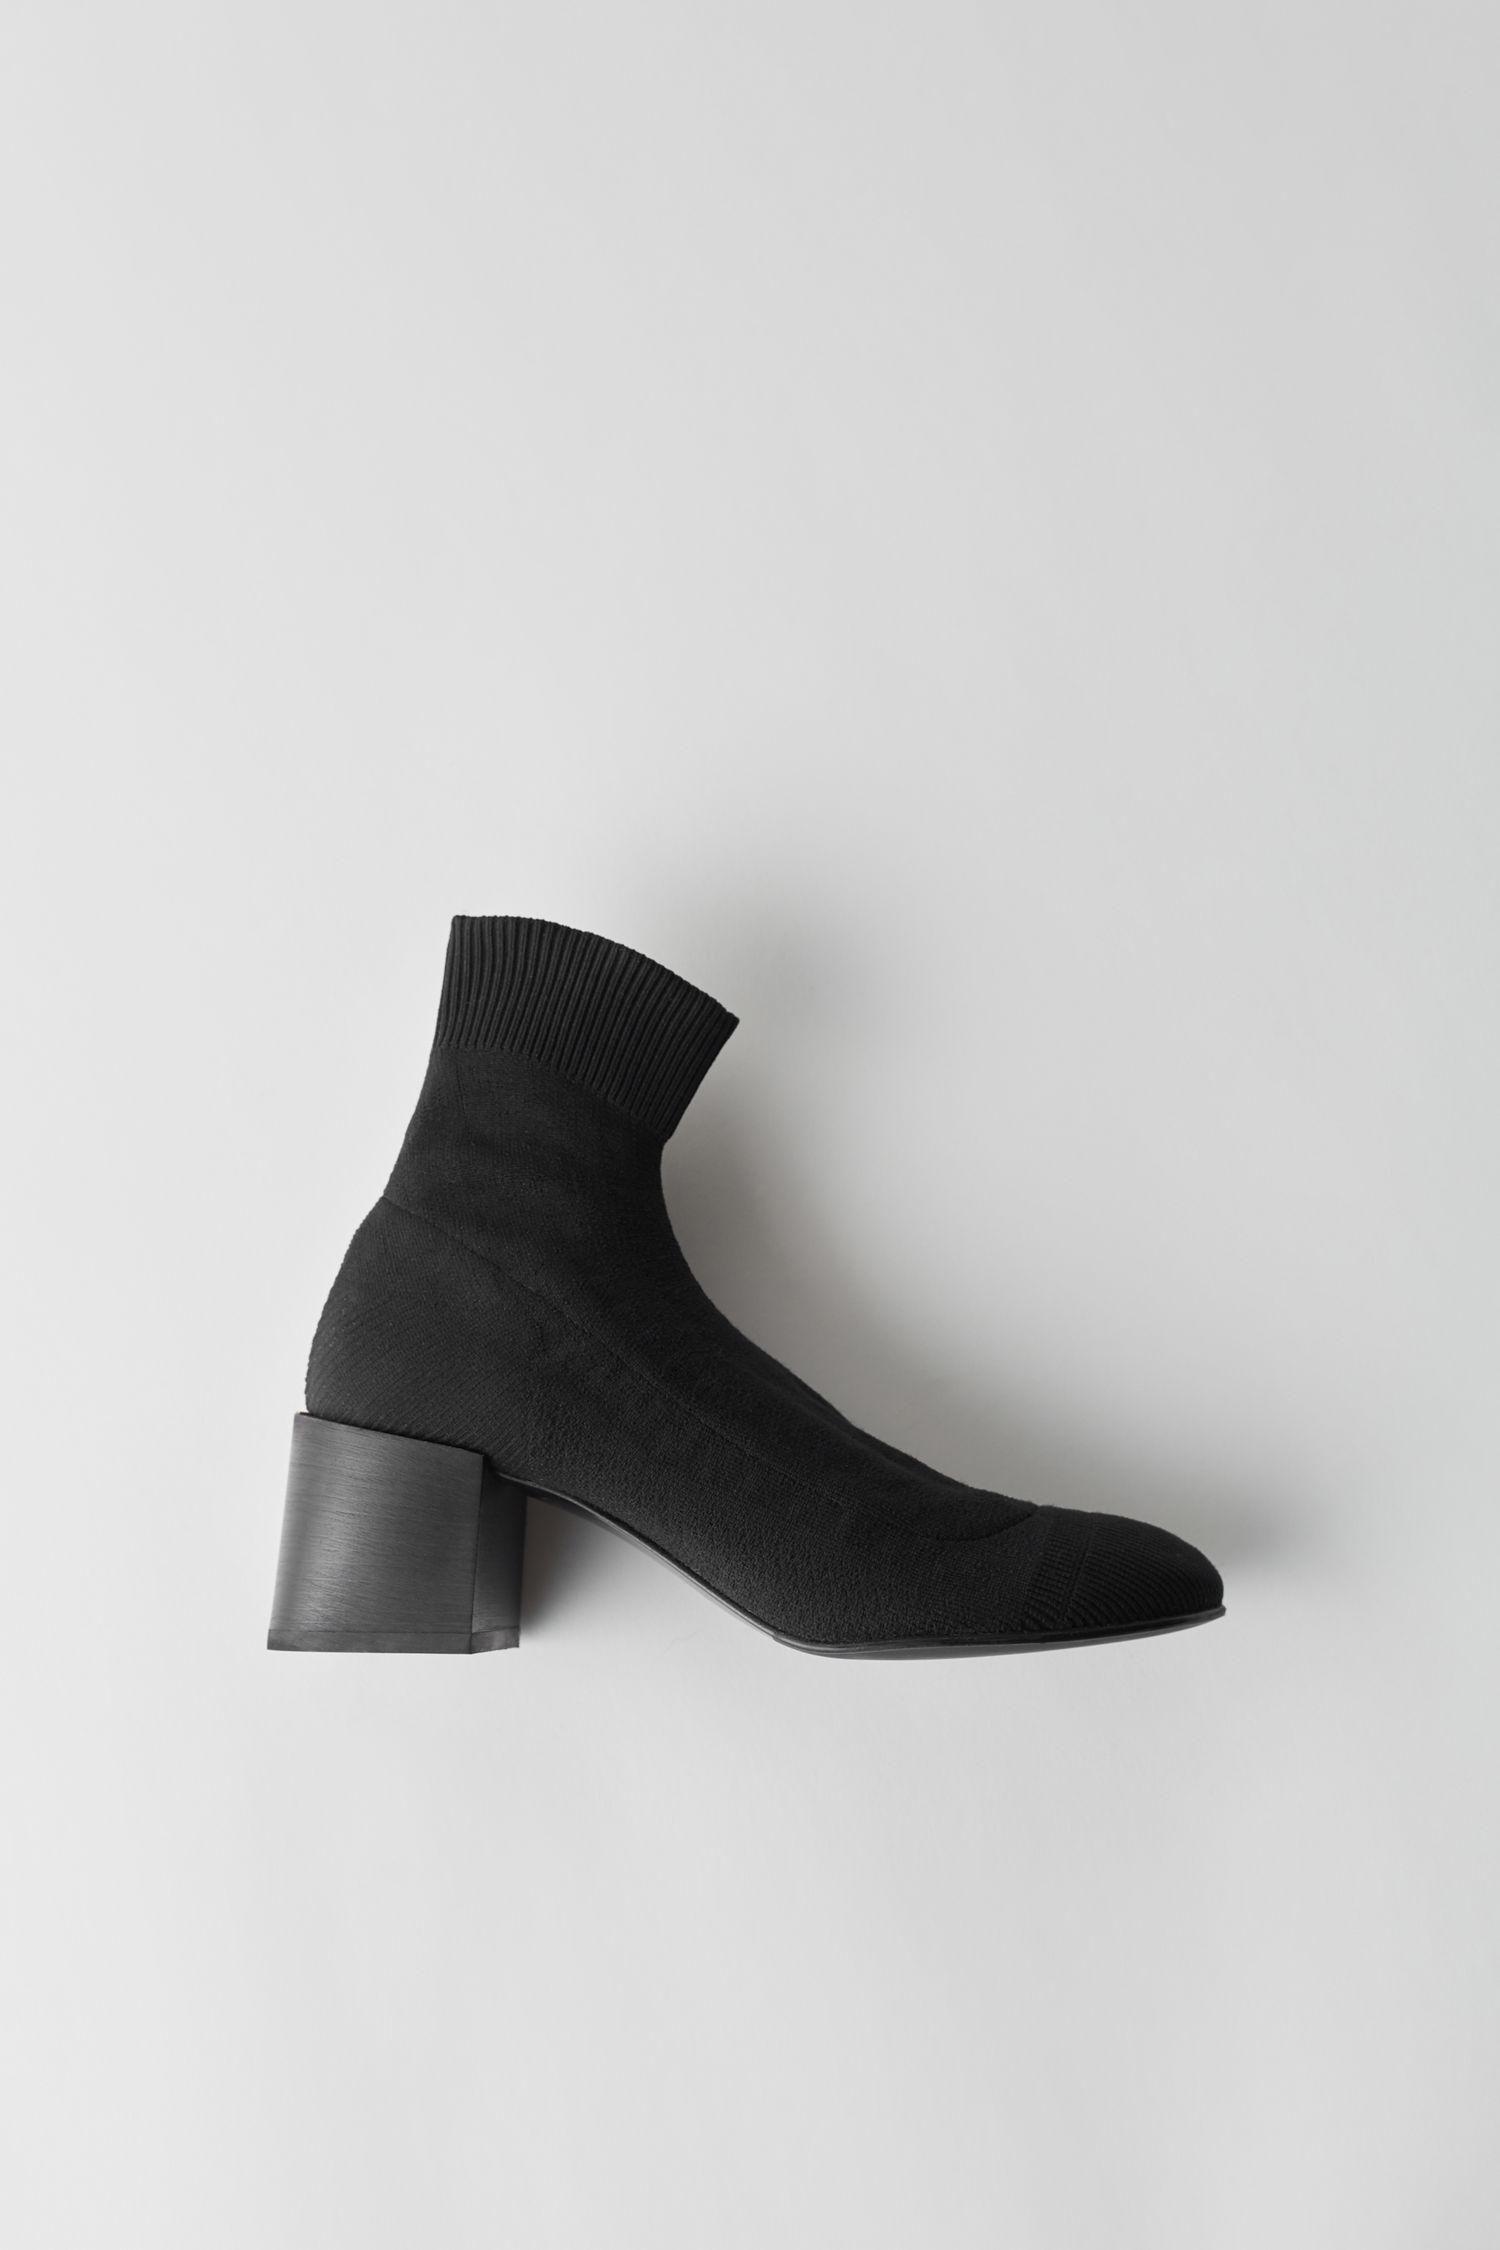 6e1179c148c Acne Studios Knitted Sock Boot Black